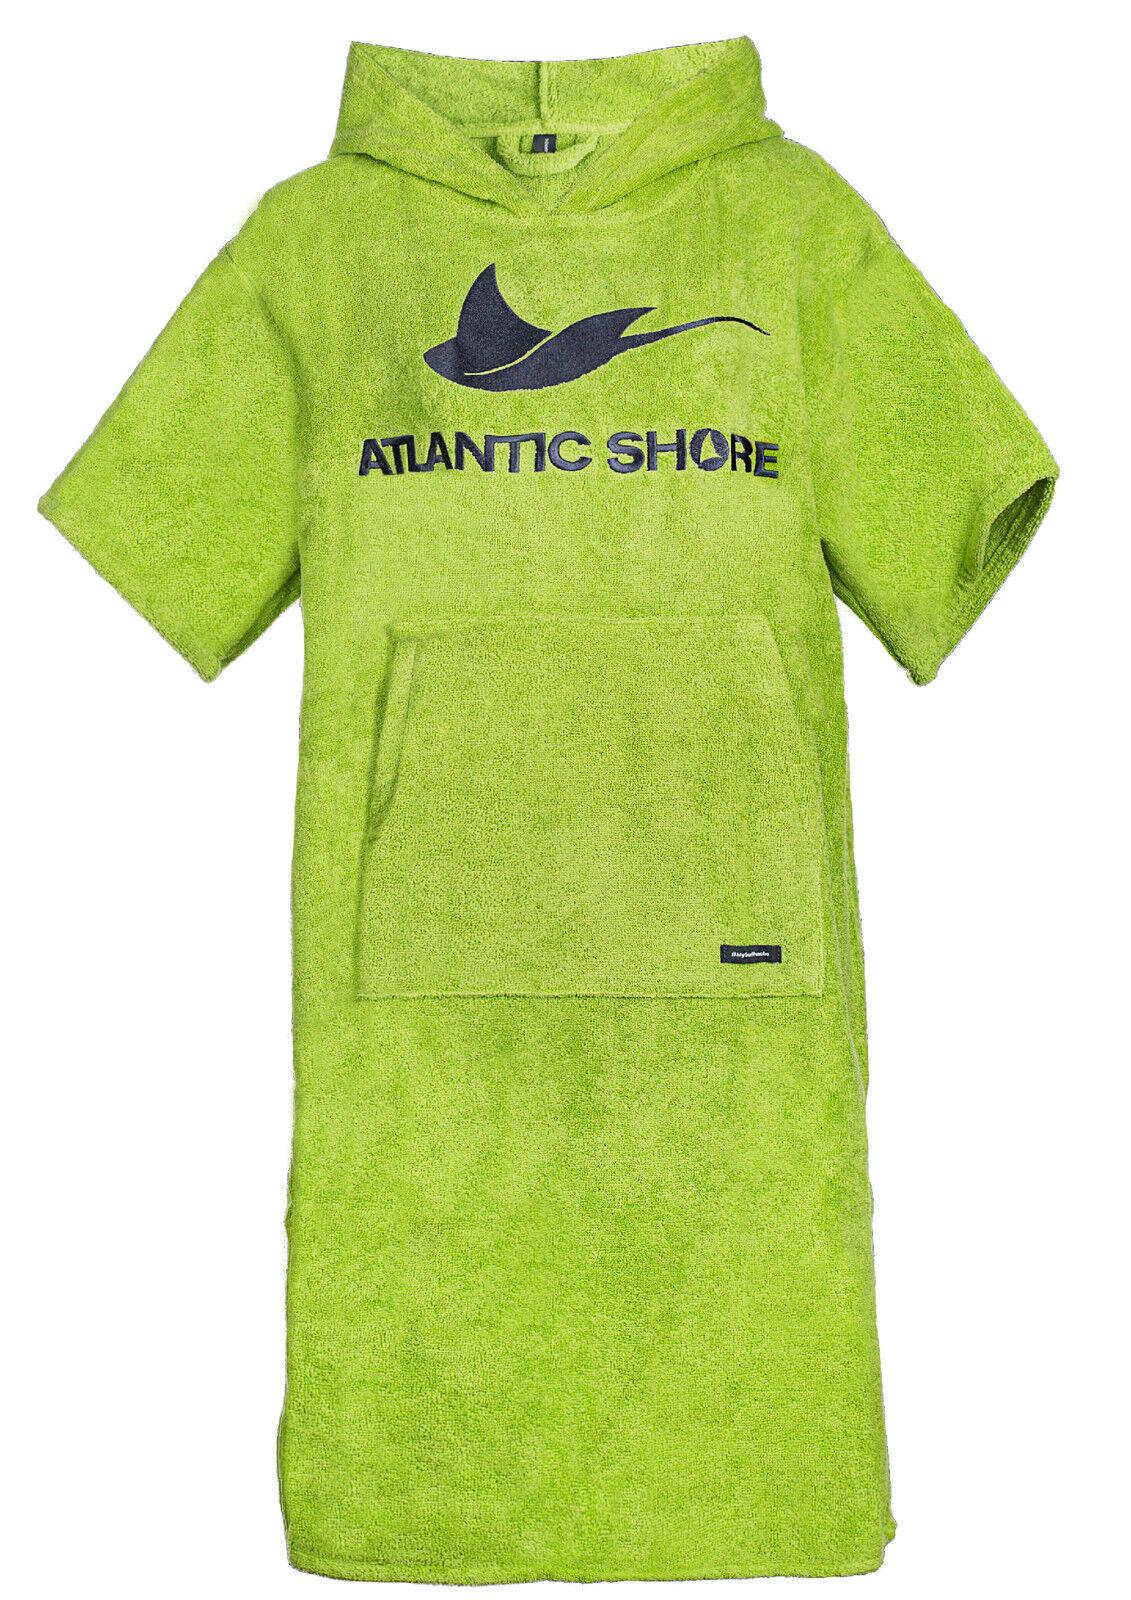 Atlantic Shore   Surf Poncho ➤ Bademantel   Umziehhilfe ➤ Grün